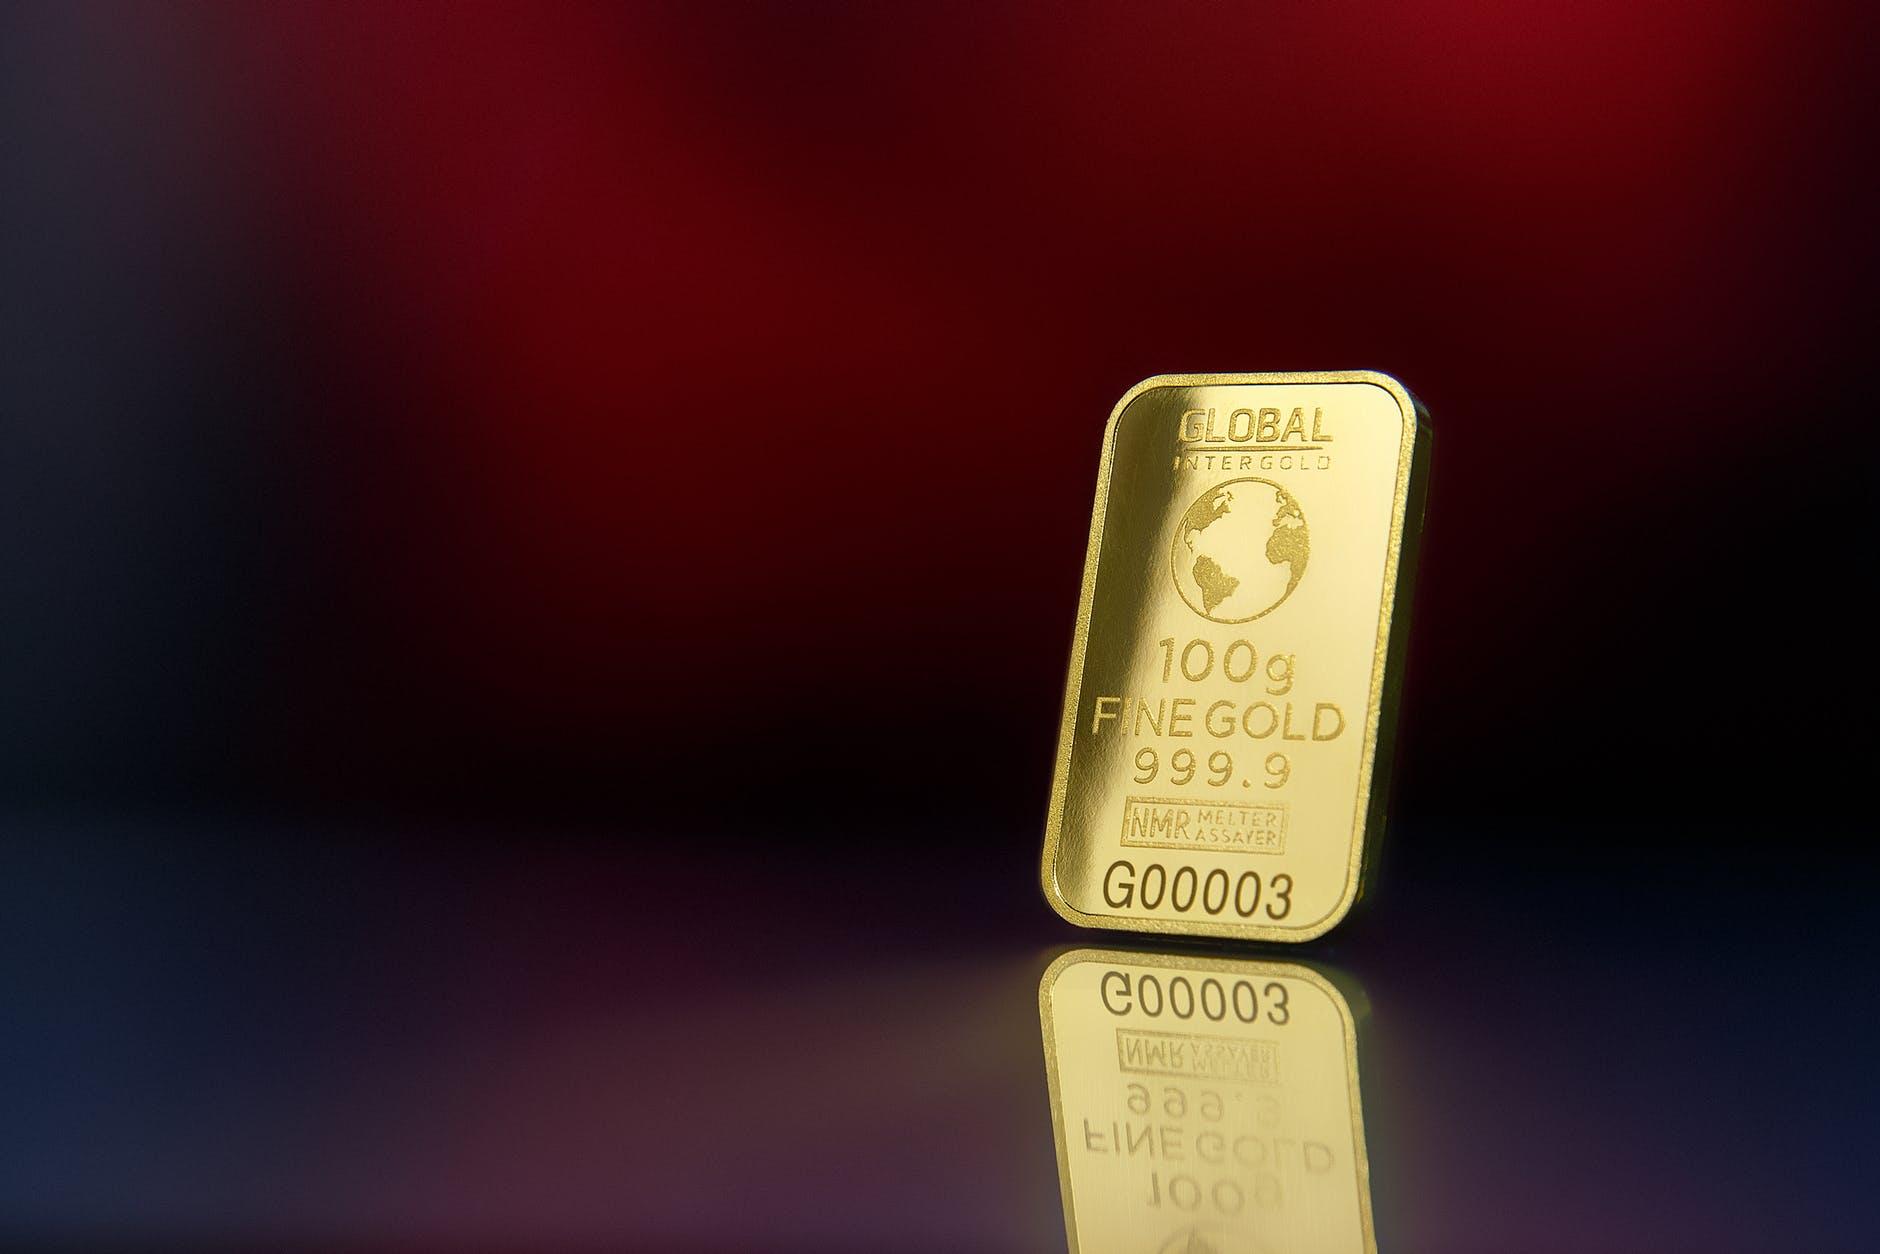 Tertarik Investasi Emas? Pelajari Dulu Berita Emas Hari Ini!